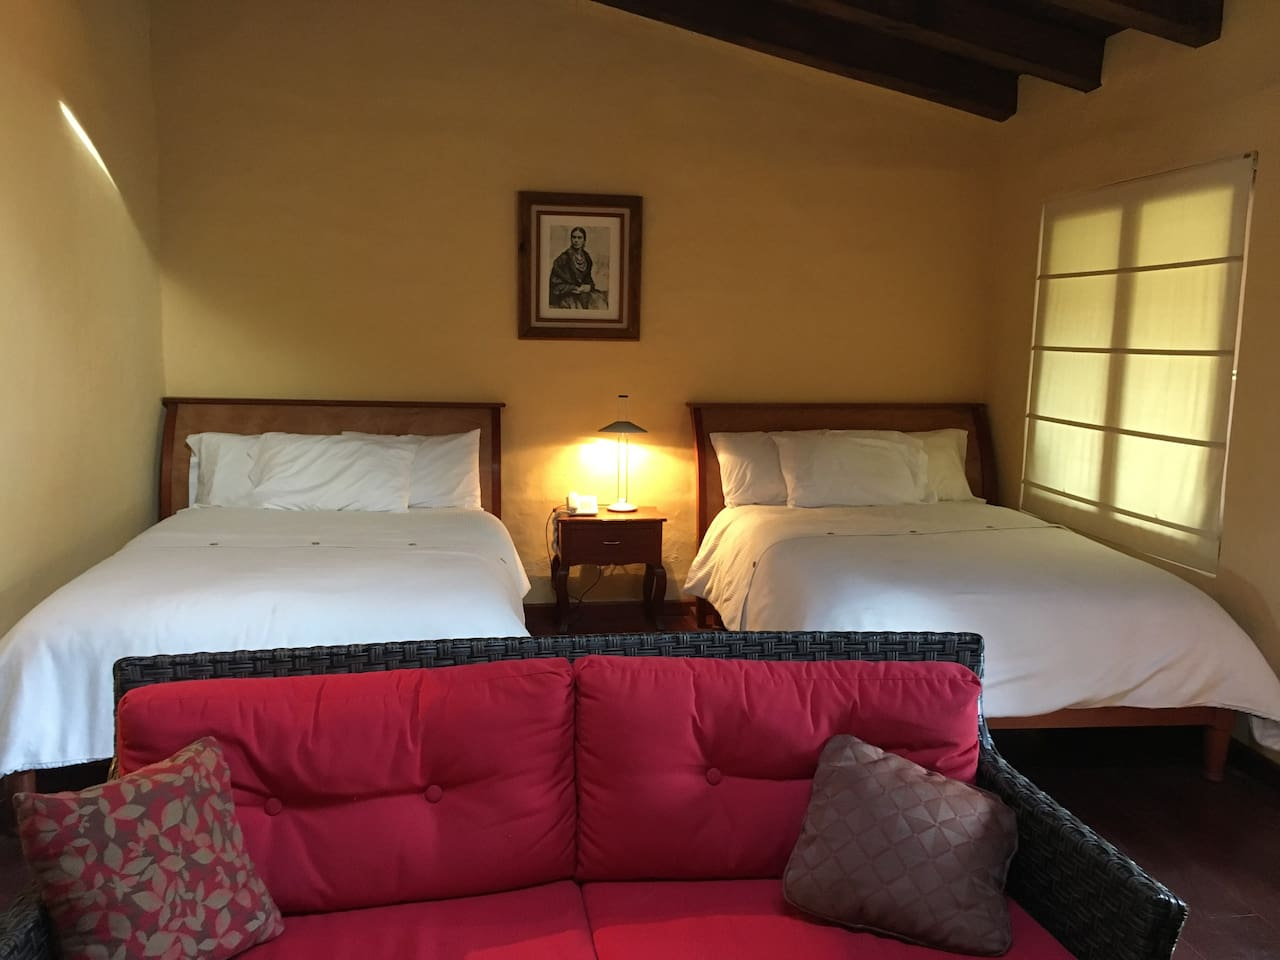 Para un descanso confortable dos lindas camas con colchón y blancos de calidad superior